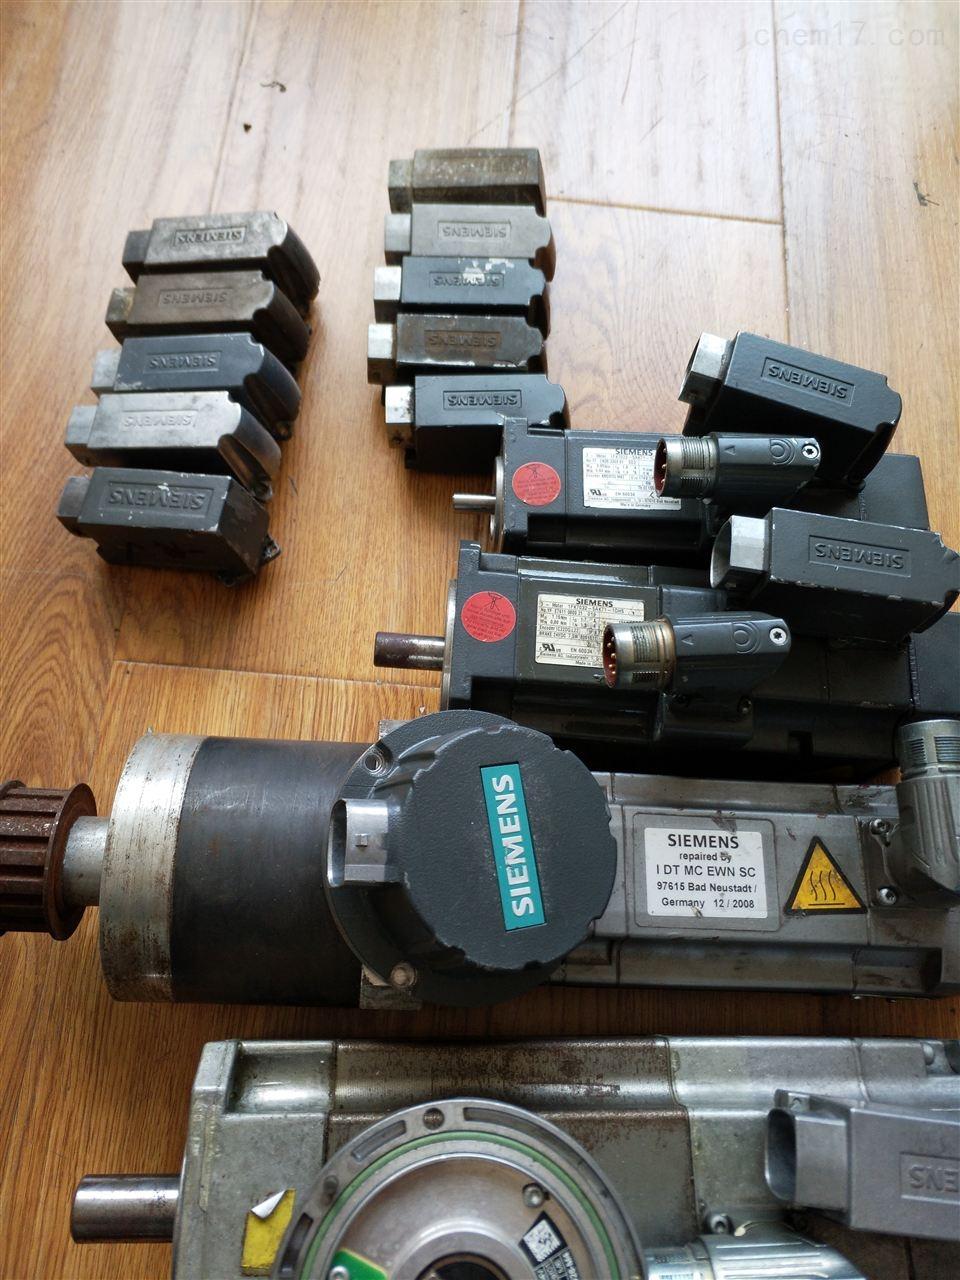 煤厂西门子主轴电机维修更换编码器故障-当天可以修好